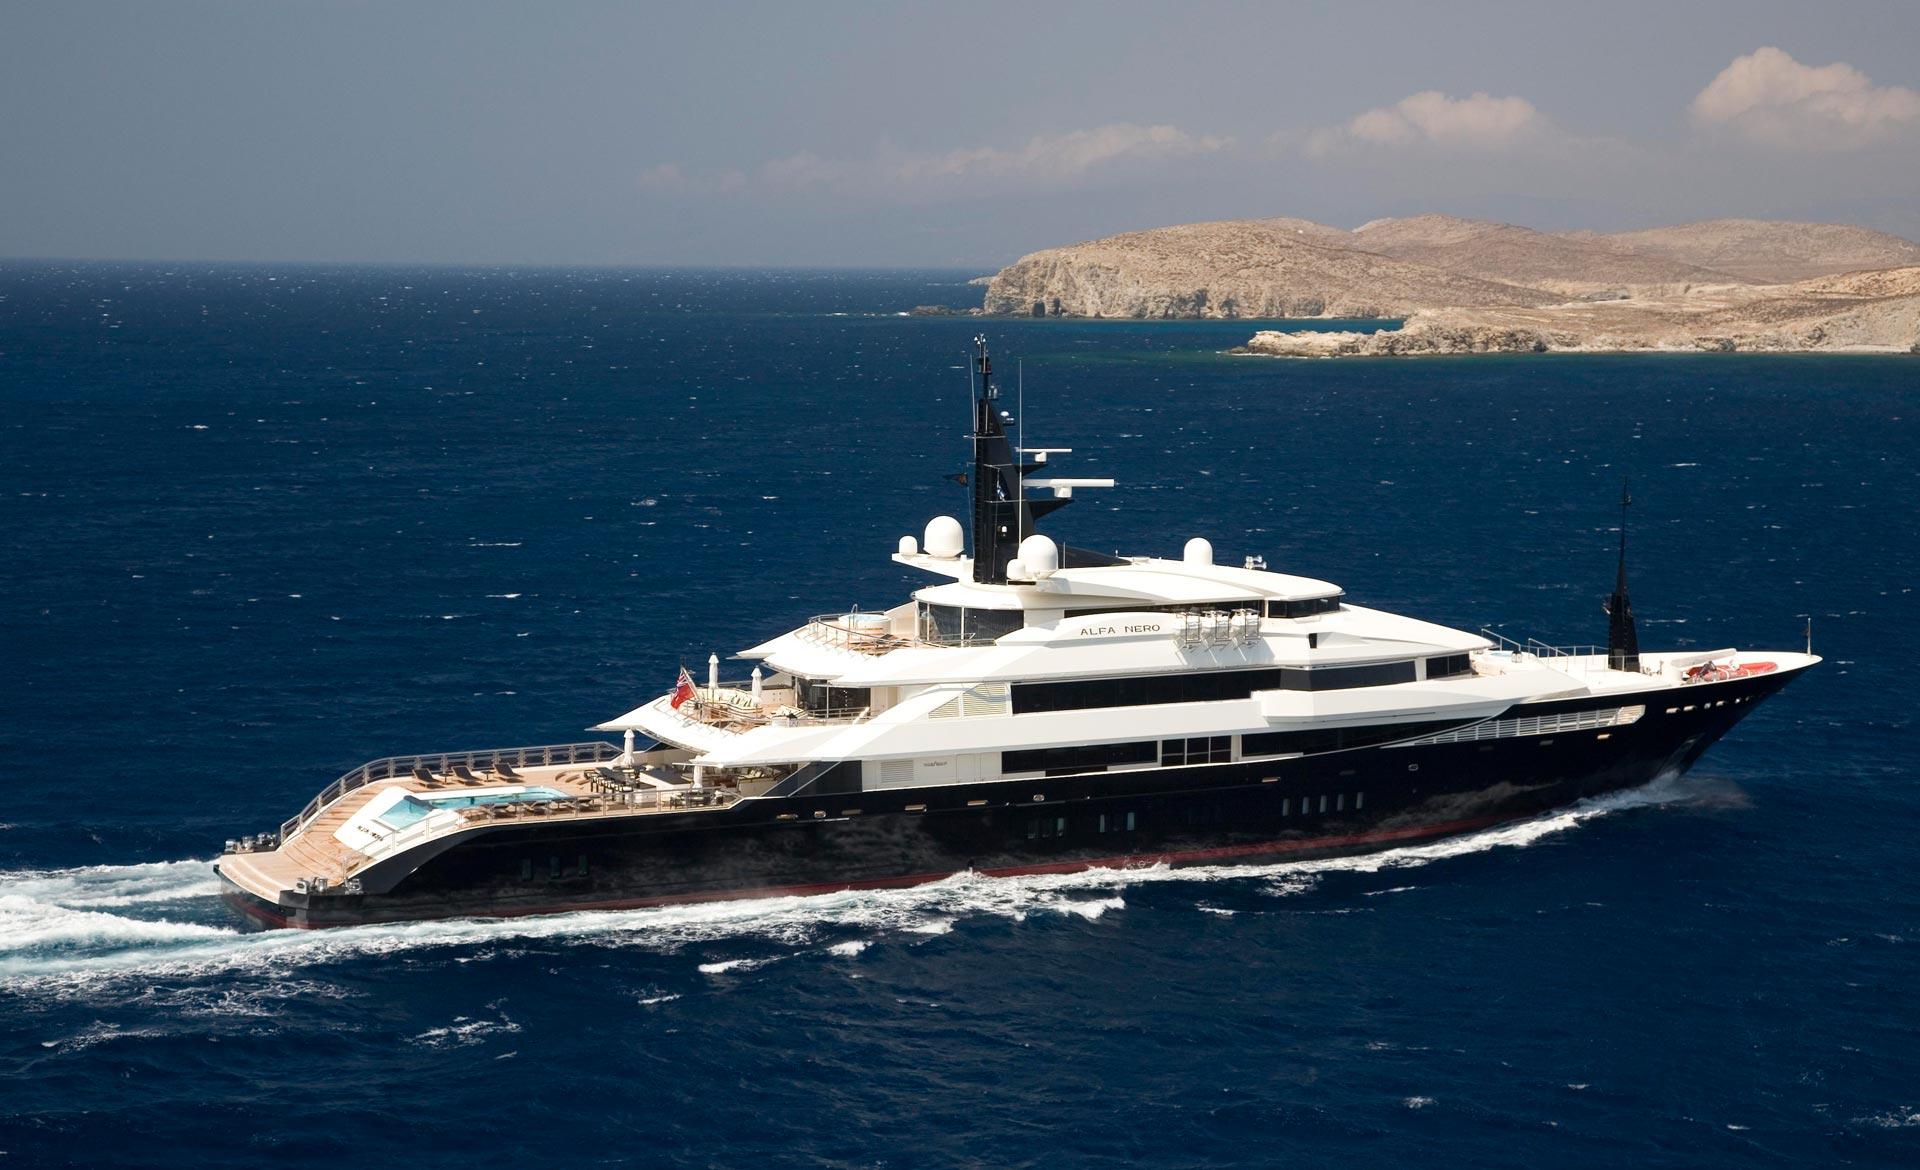 Luxury Motor Yacht ALFA NERO Cruising